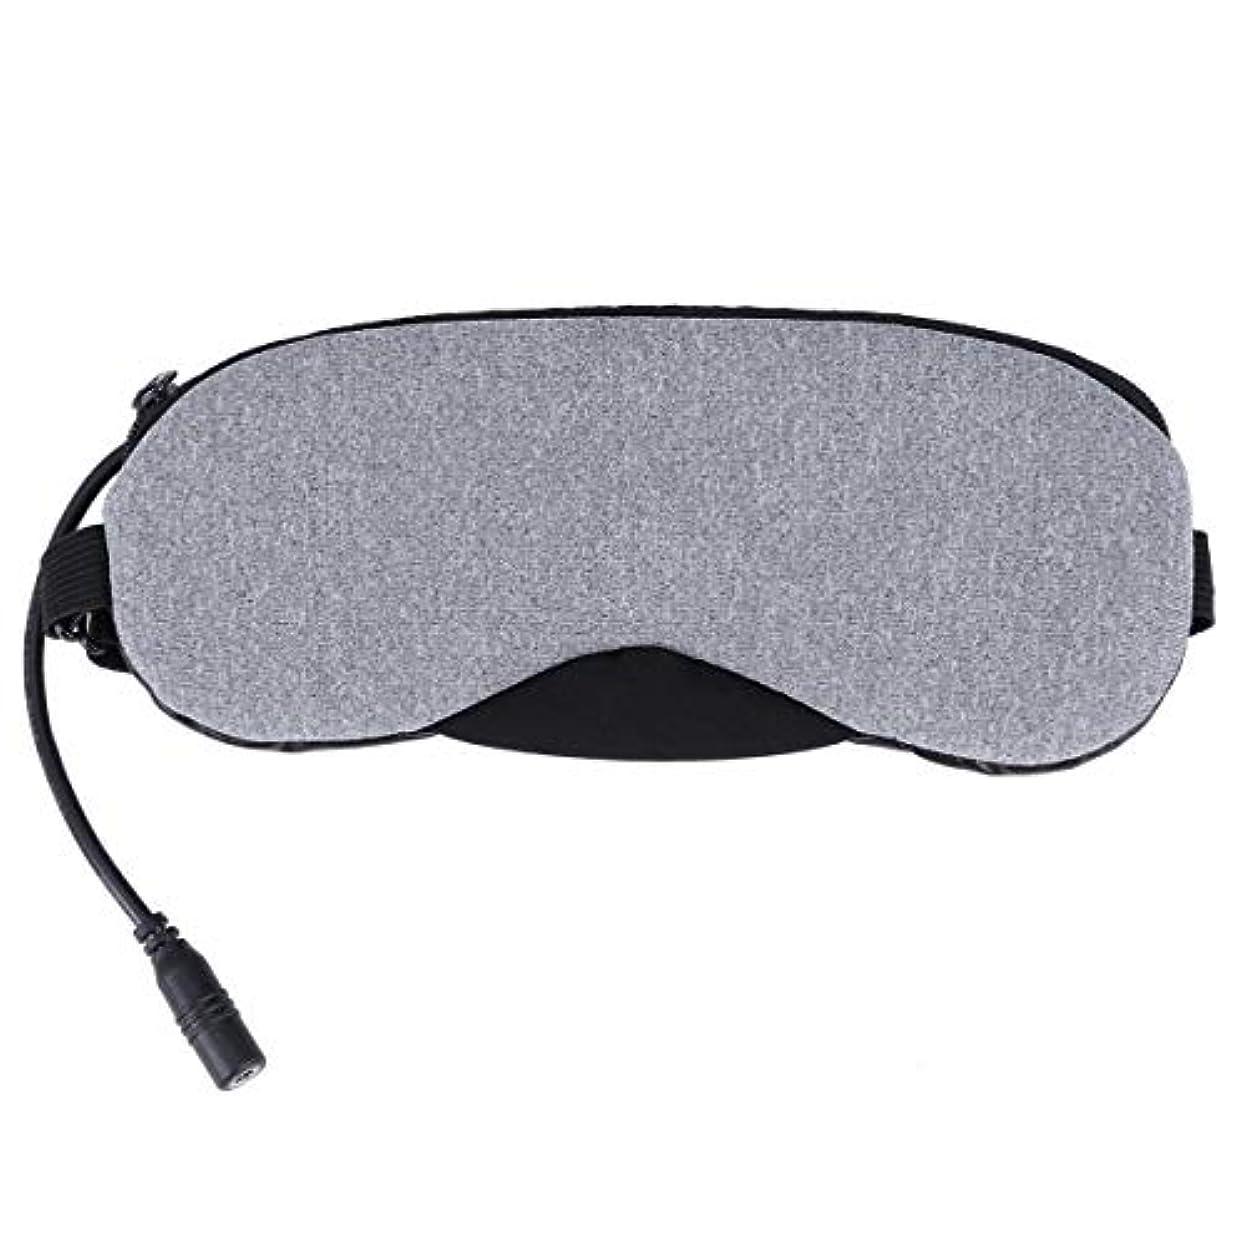 建物滅多前Heallily アイマスクusbスチームアイマスク加熱マスクソフト調節可能な目隠し